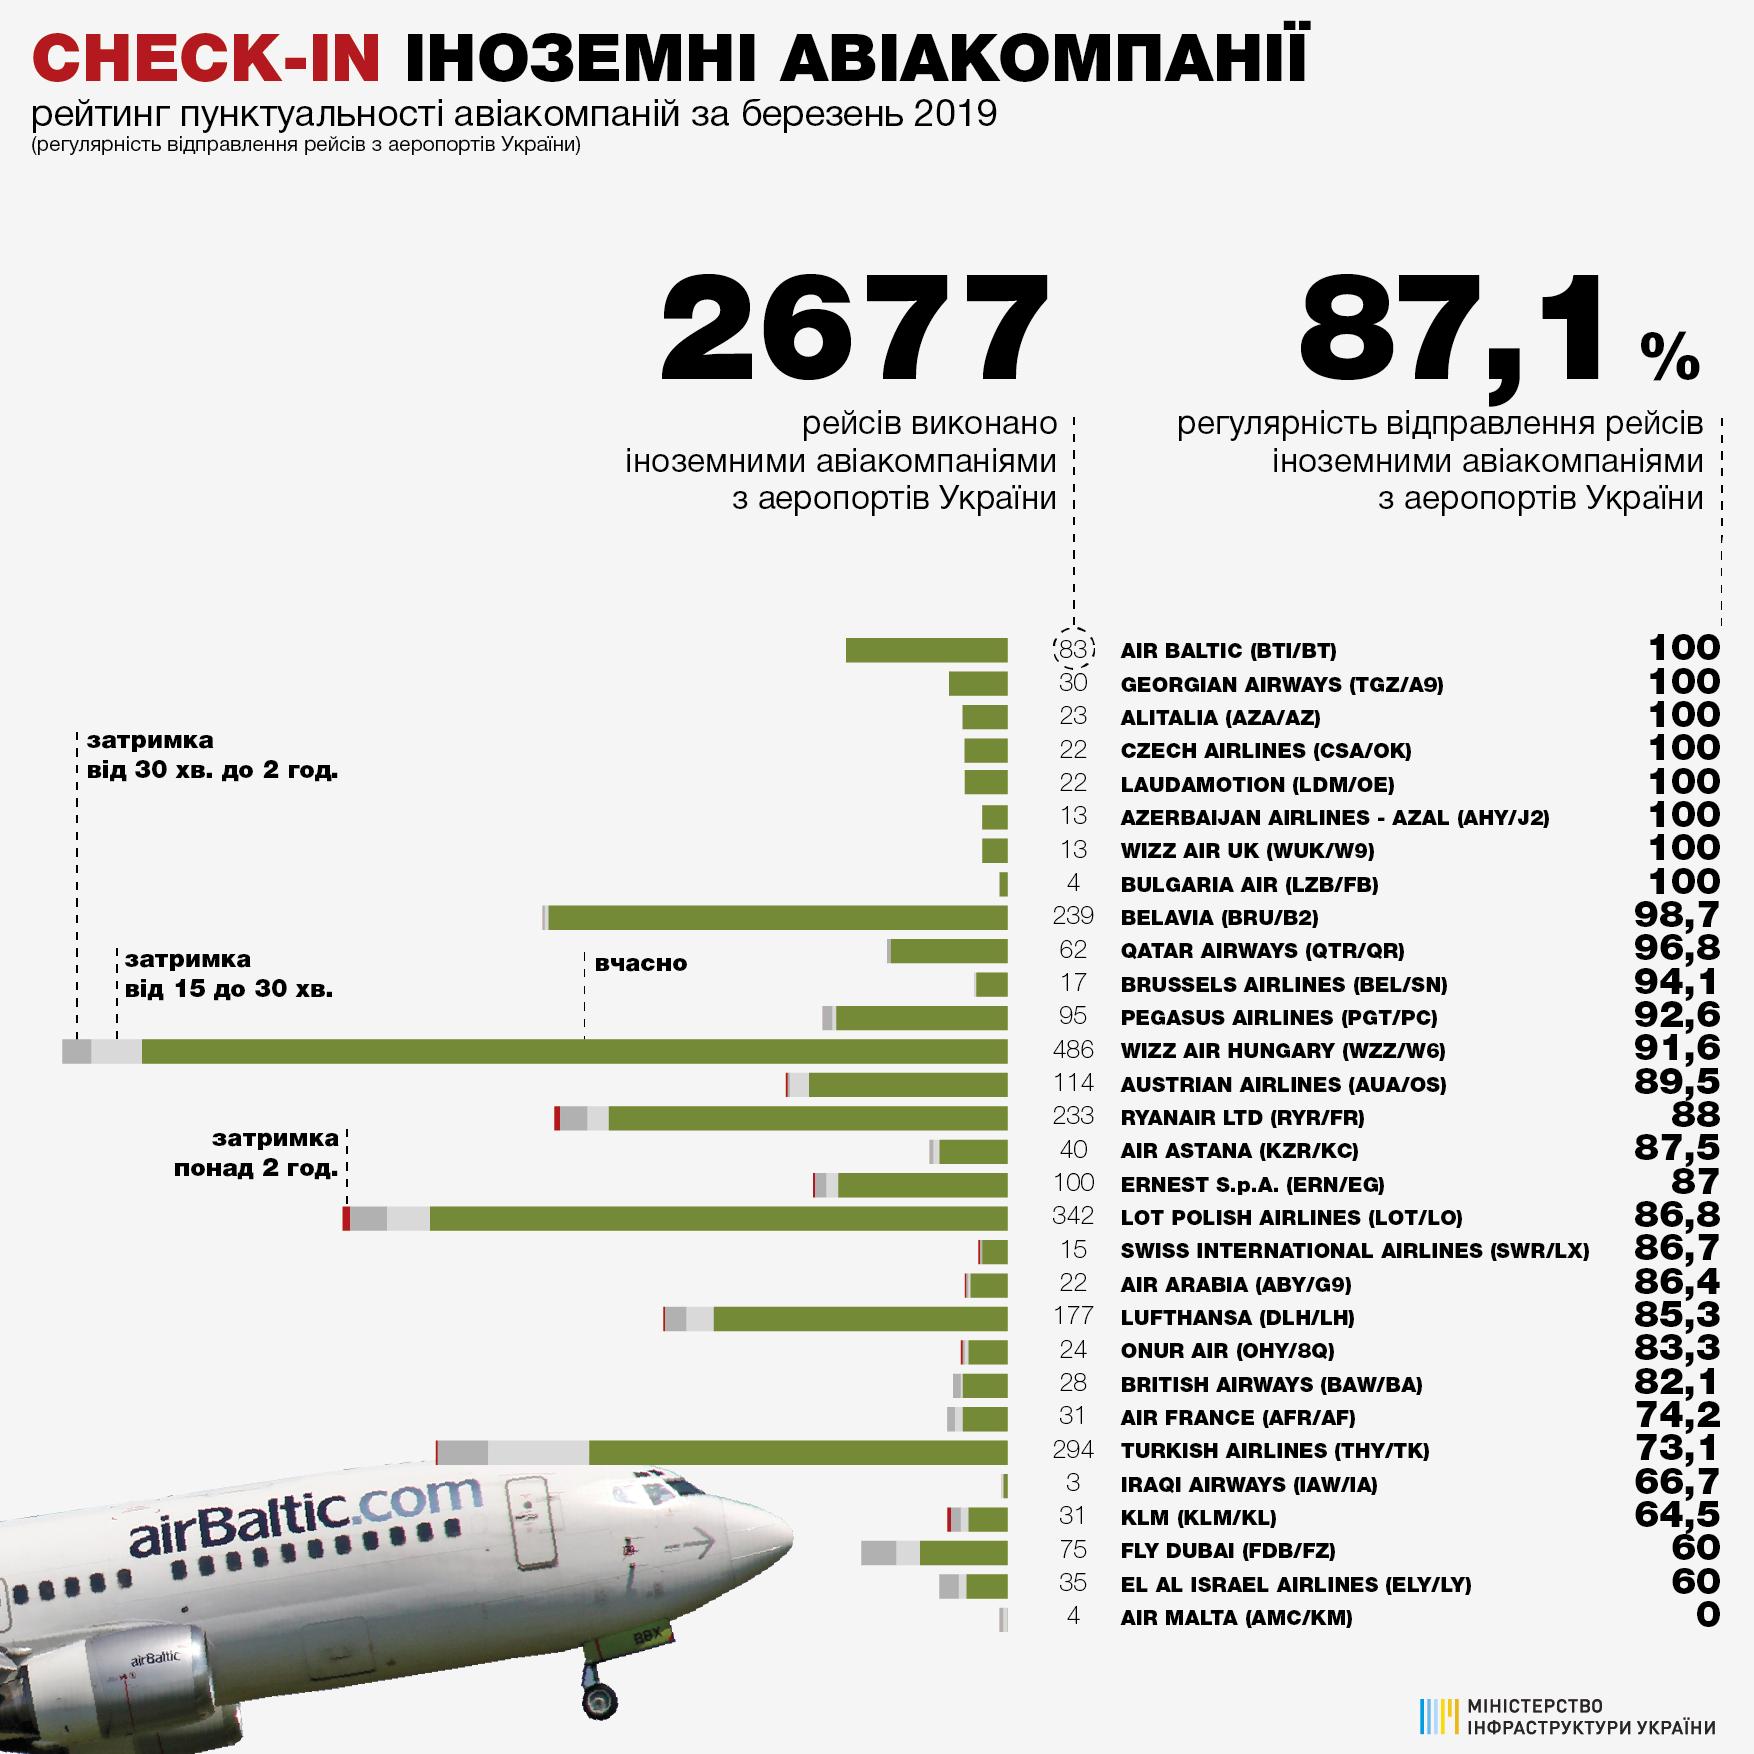 Статистика пунктуальности иностранных авиакомпаний при вылете из аэропортов Украины в марте 2019 года